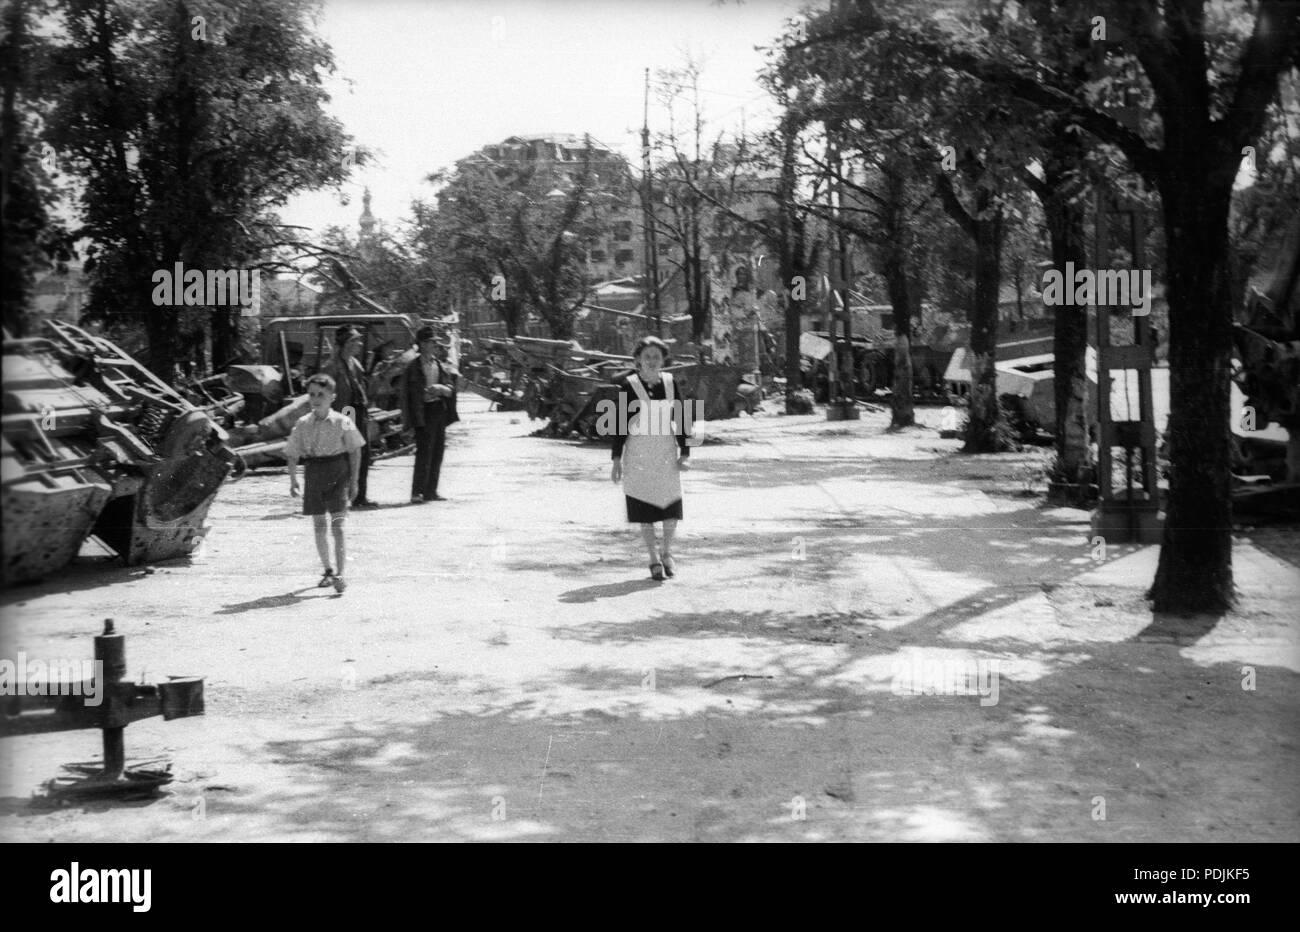 373 Vérmező a Déli pályaudvar felől a Krisztina tér felé nézve, jobbra a Krisztina körút házai. Fortepan 30254 - Stock Image